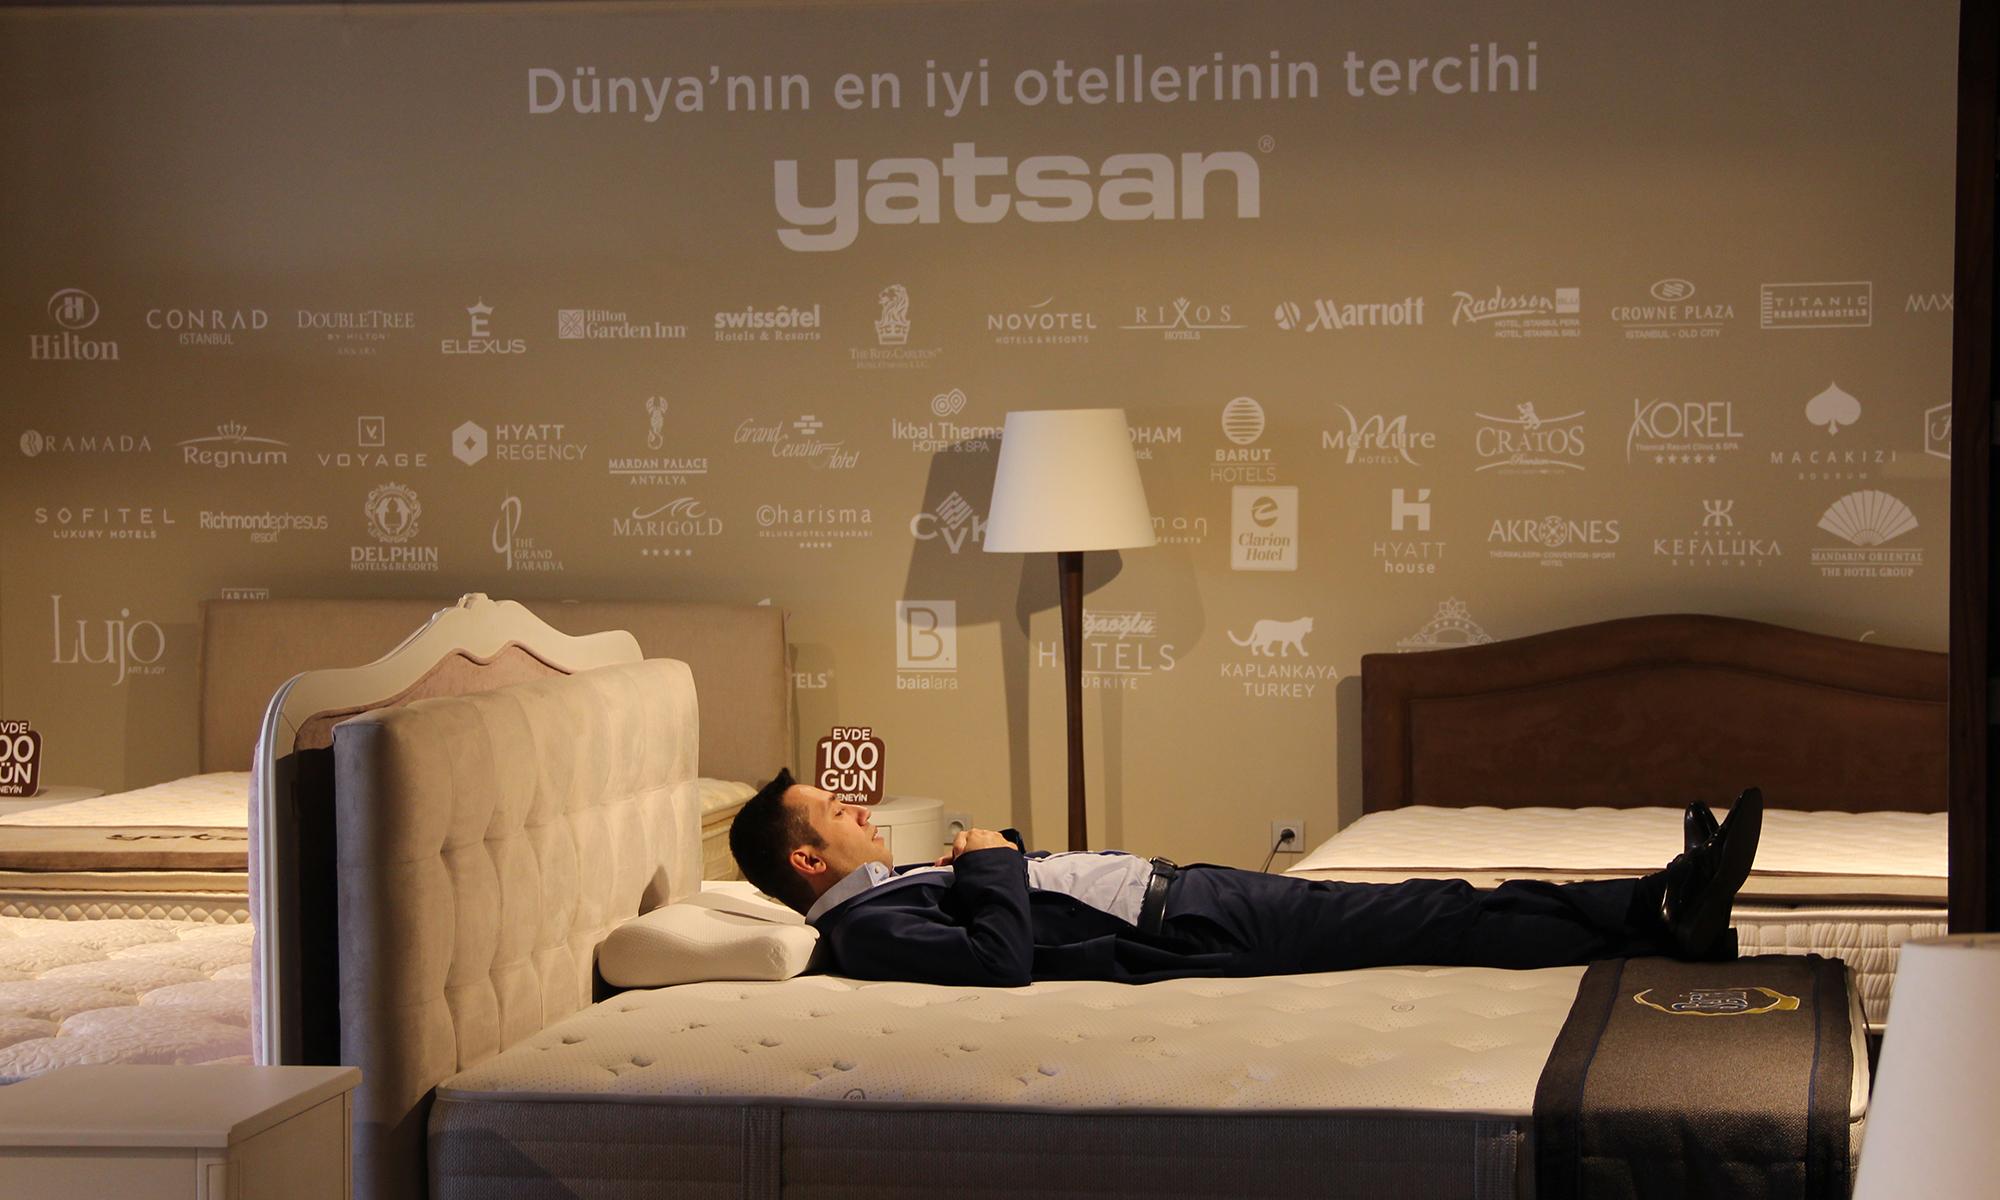 yatsan-yatak-mobilya-(1).jpg